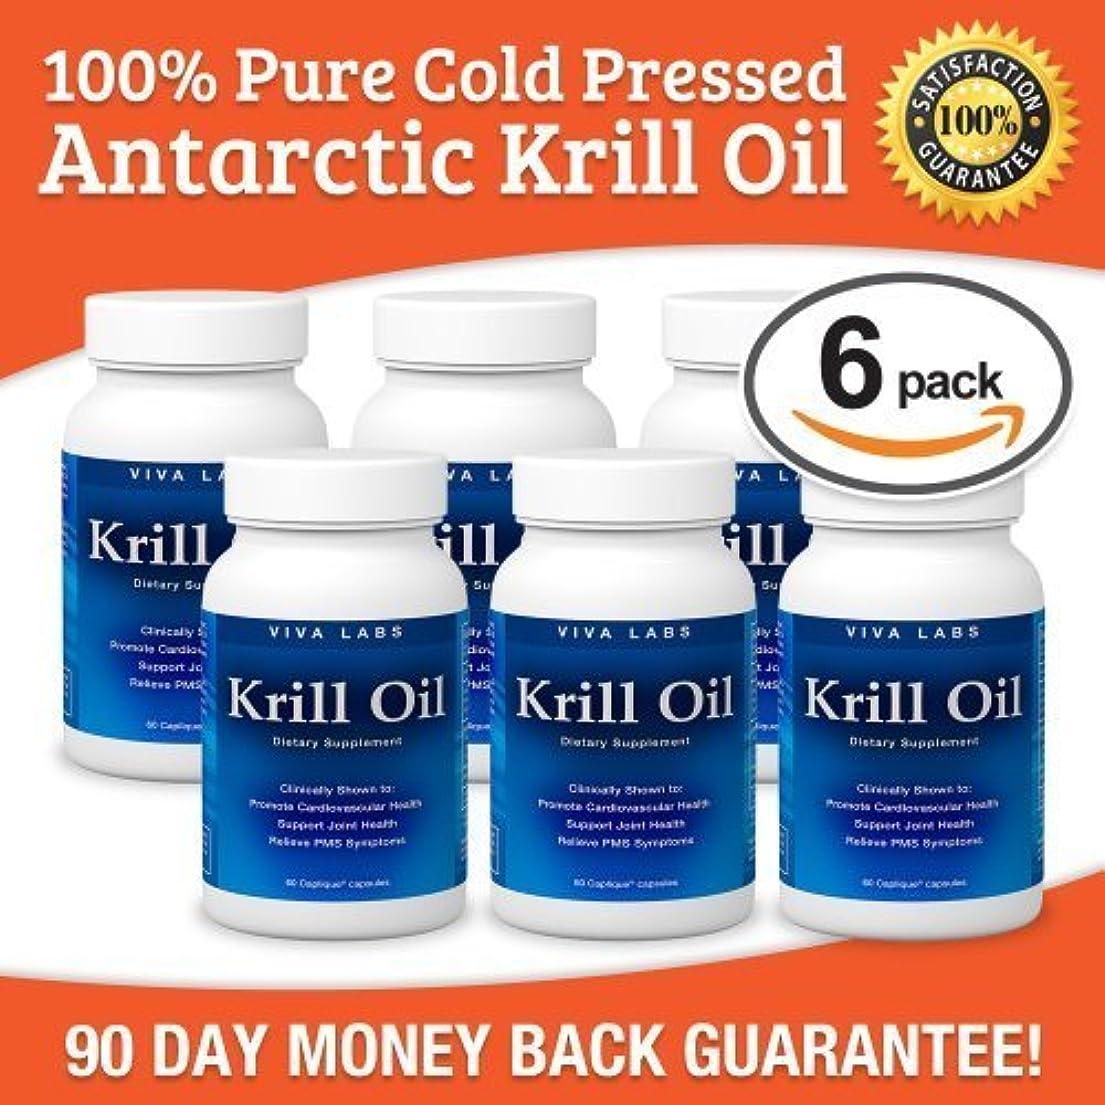 ボイコット縫う露出度の高いEverest Nutrition Krill Oil - 100% Pure Cold Pressed Antarctic Krill Oil - More Omega-3's: Highest Levels of DHA...